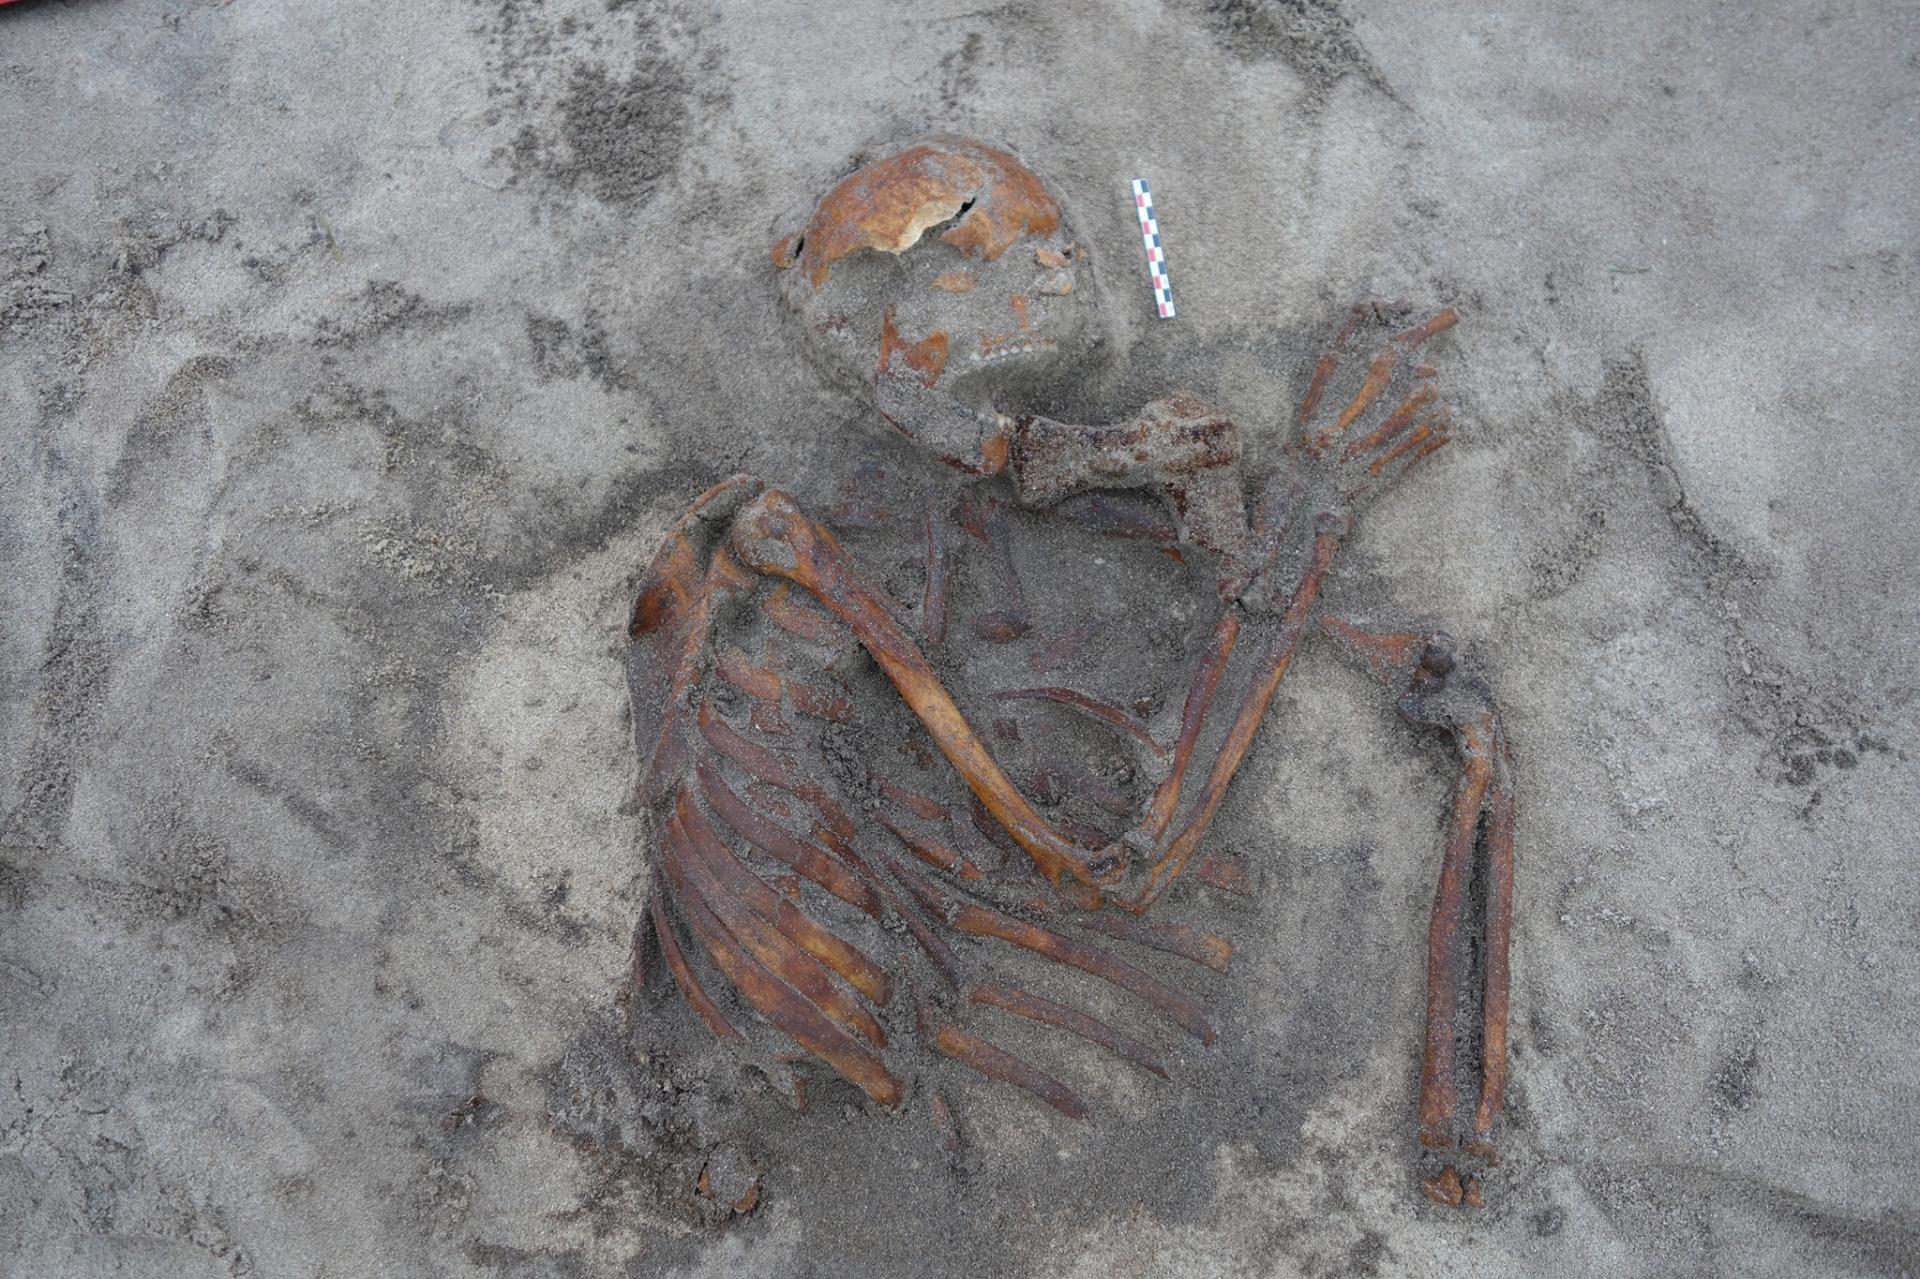 Norvège - Le squelette découvert à Gimsøya et sa hache étrangement placée - Photo: Musée universitaire de Tromsø